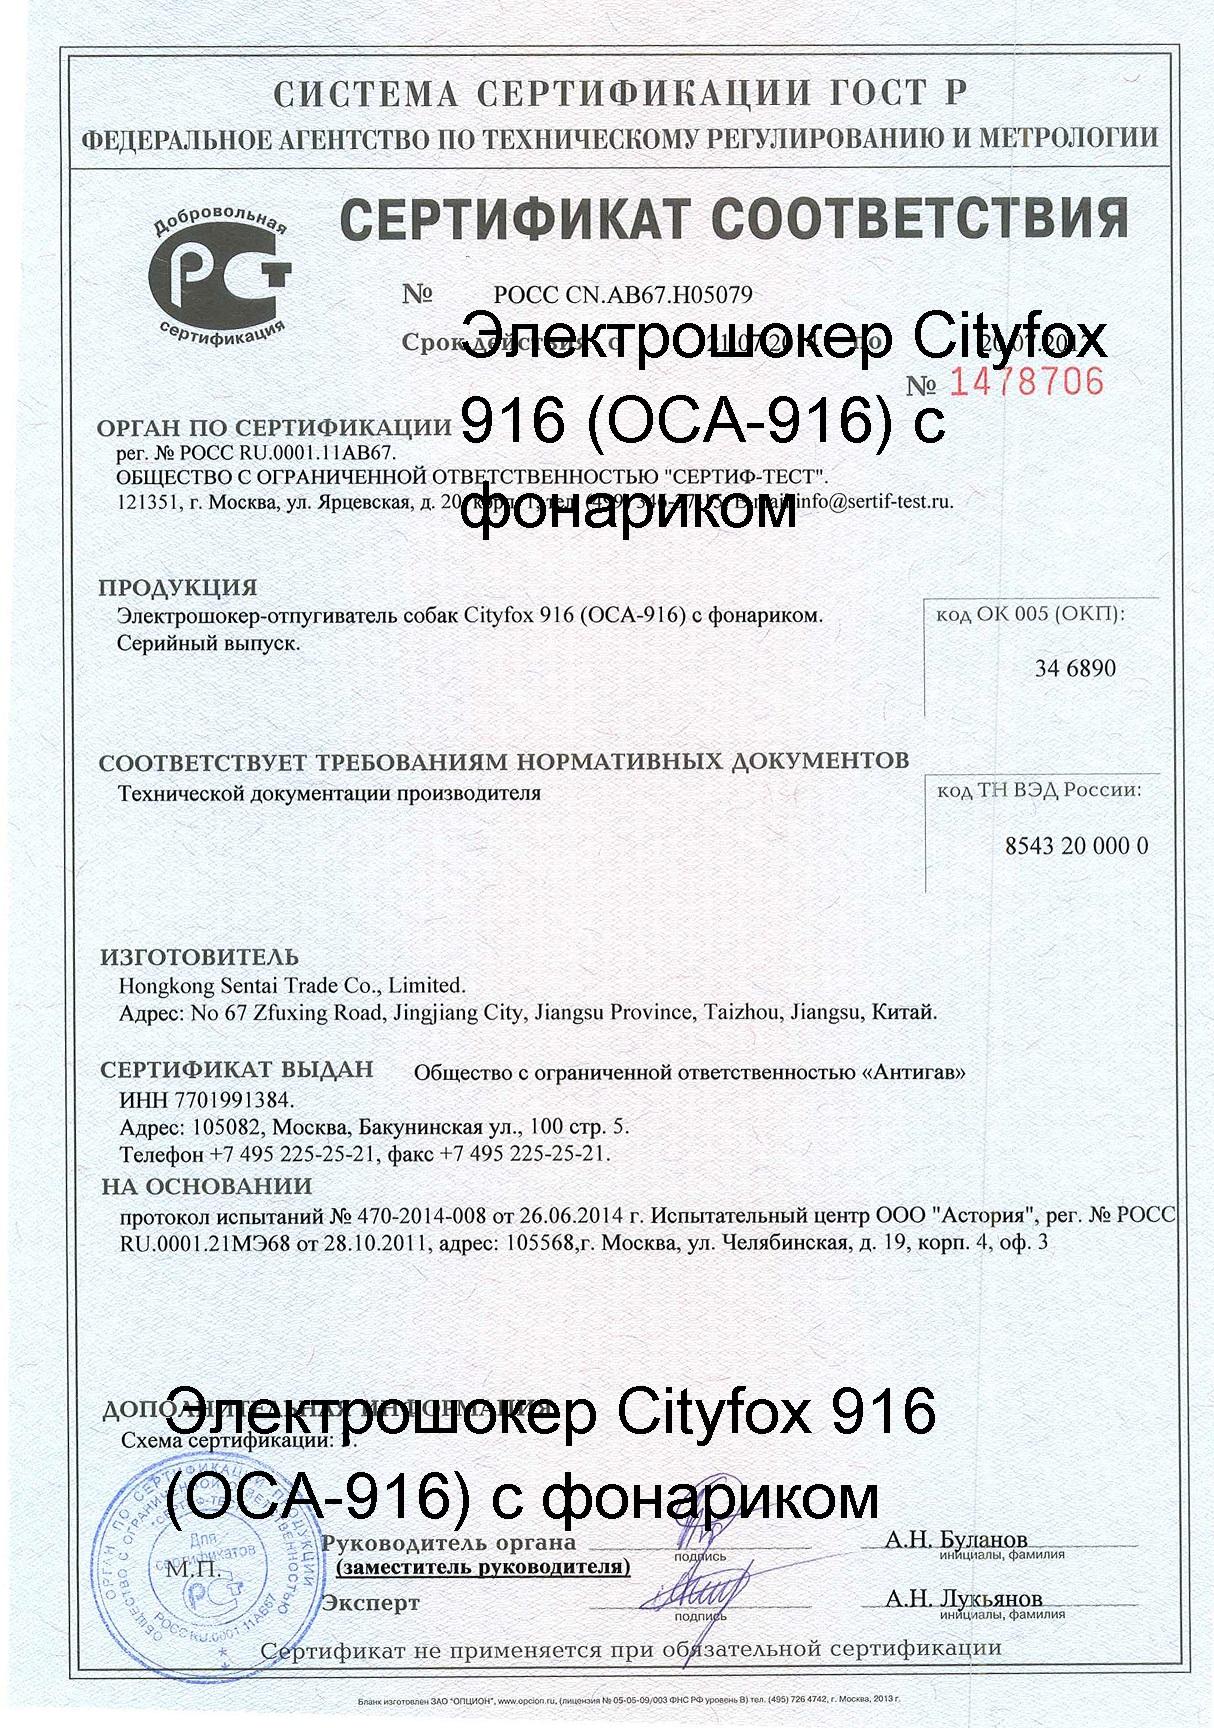 Сертификат на электрошокер ОСА-916 с фонариком